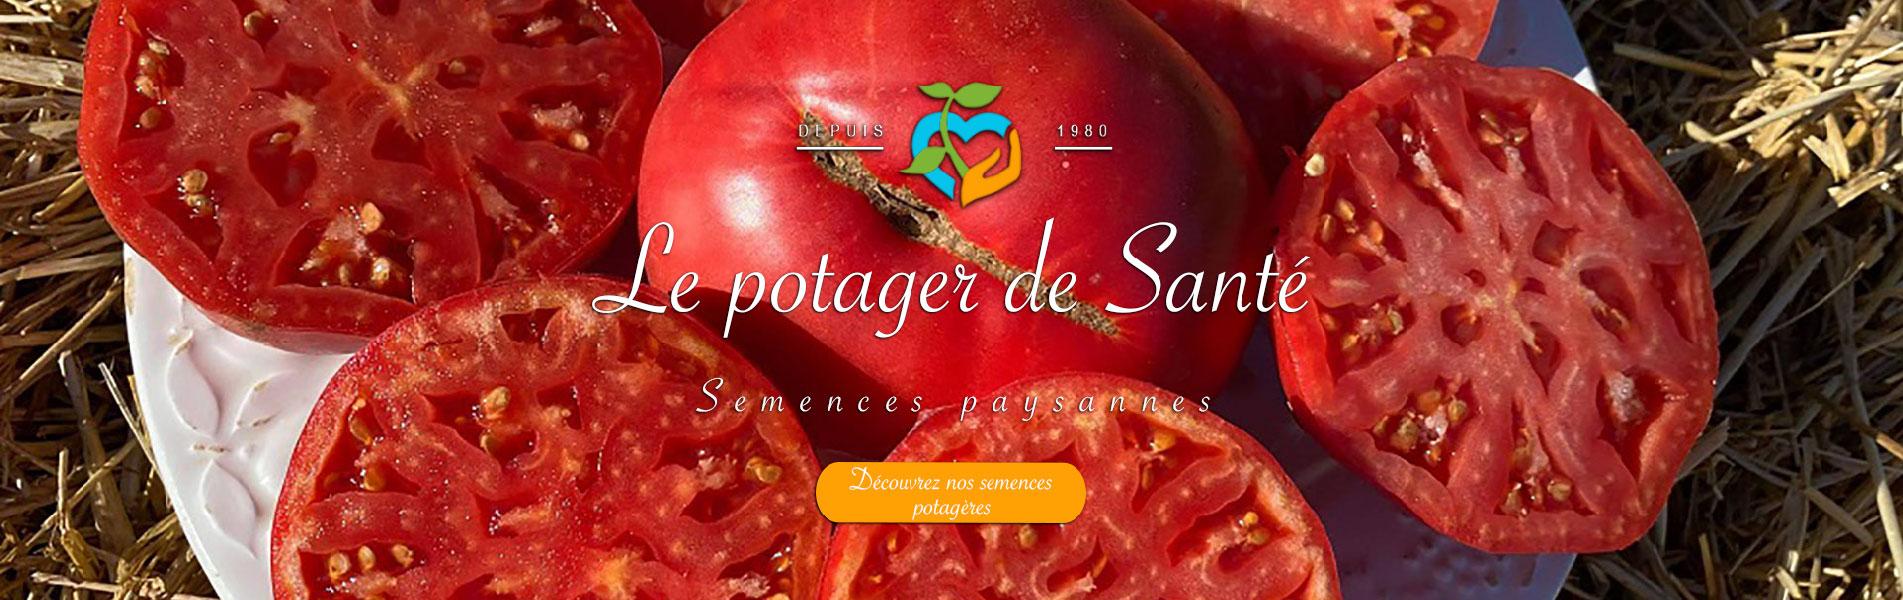 Le potager de Santé - Tomates Cherokee